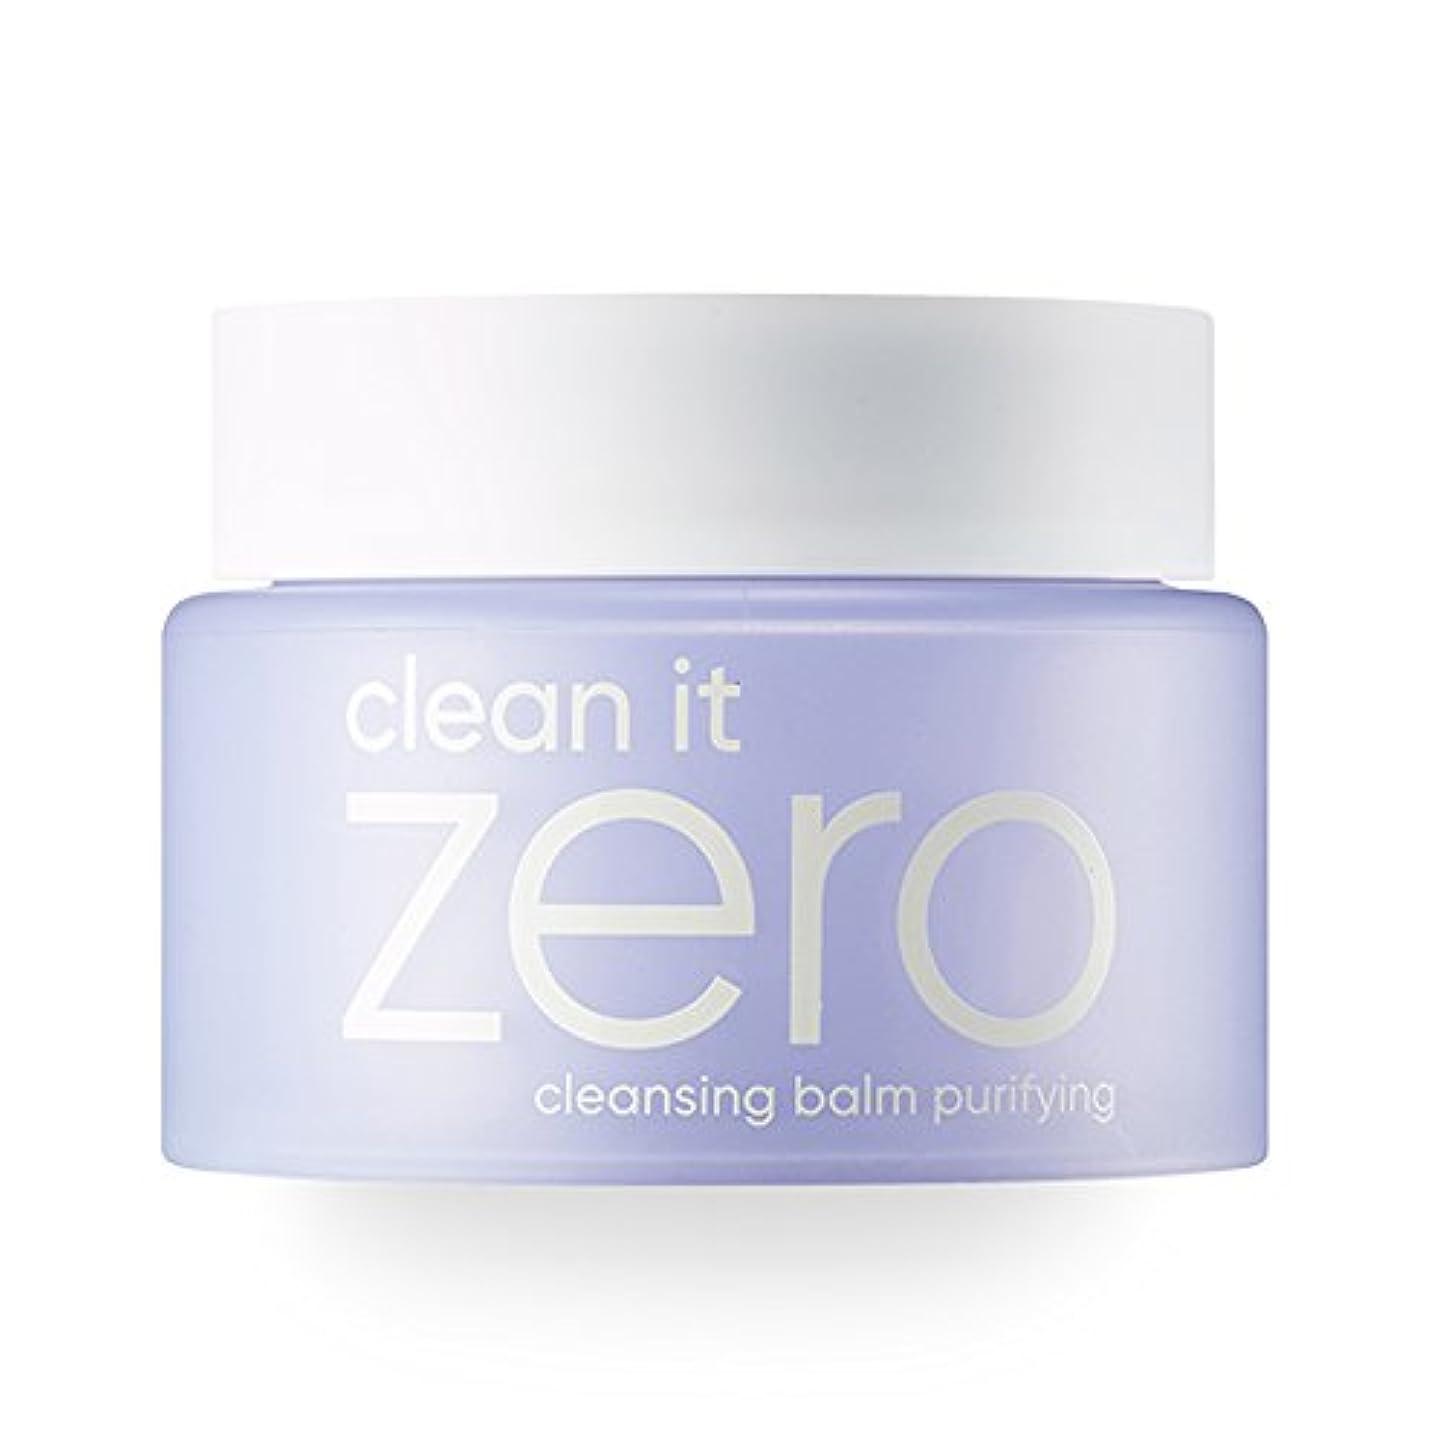 閃光速記応答BANILA CO(バニラコ) クリーン イット ゼロ クレンジング バーム ピュリファイング Clean It Zero Purifying